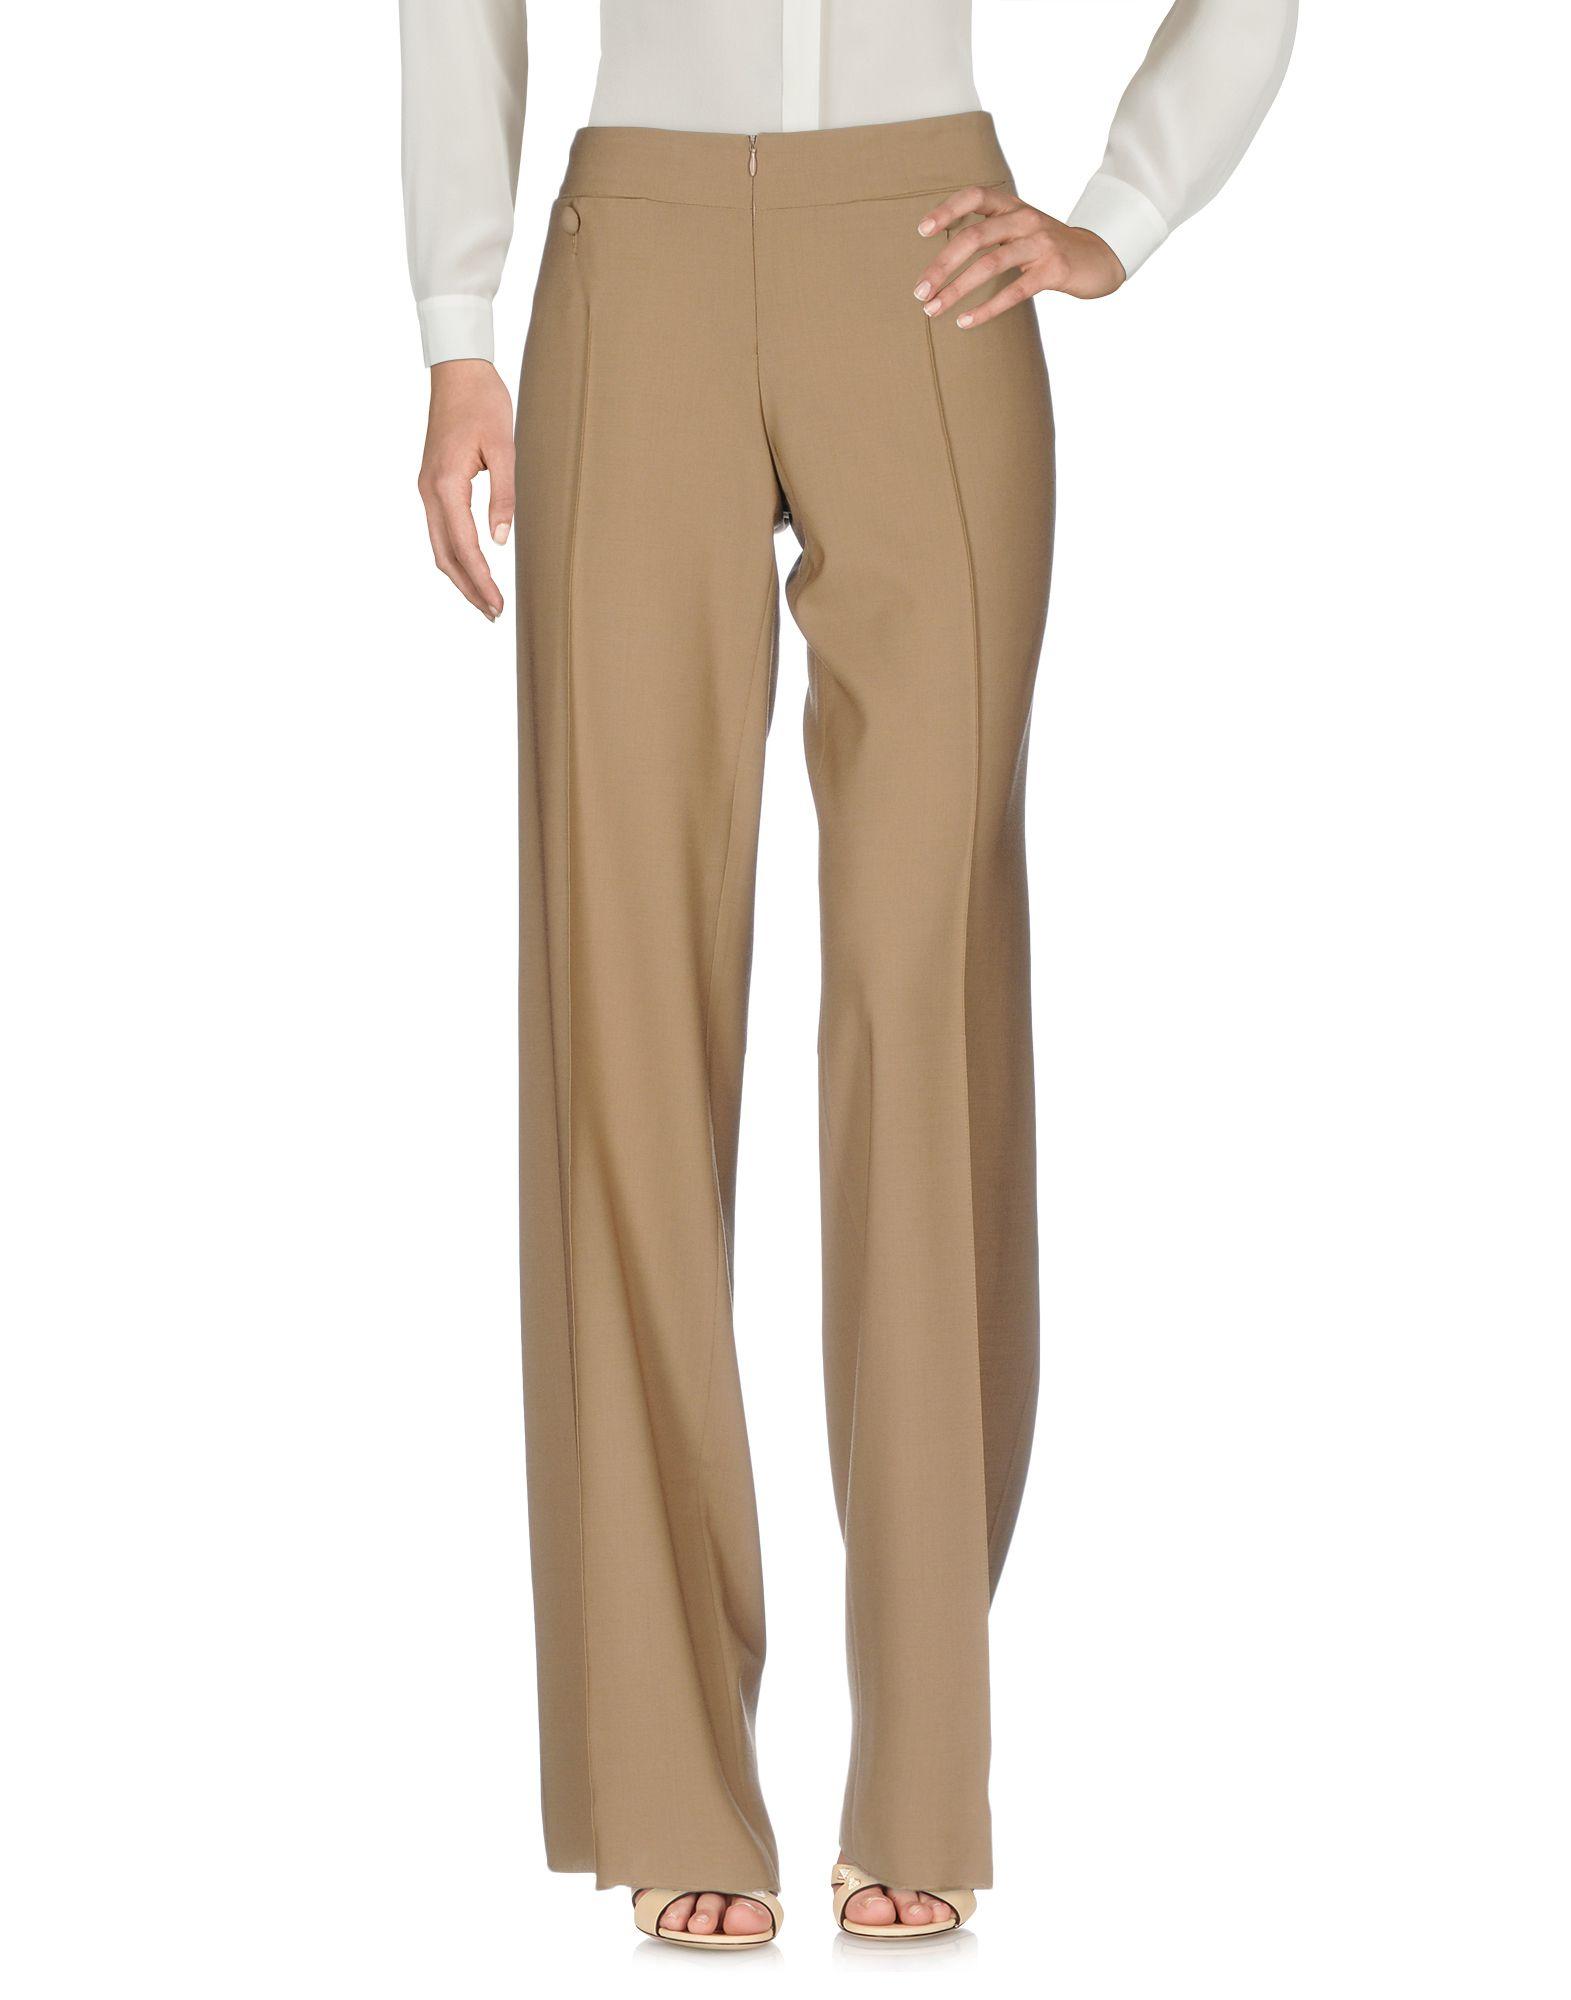 PIERANTONIO GASPARI Damen Hose Farbe Khaki Größe 4 jetztbilligerkaufen